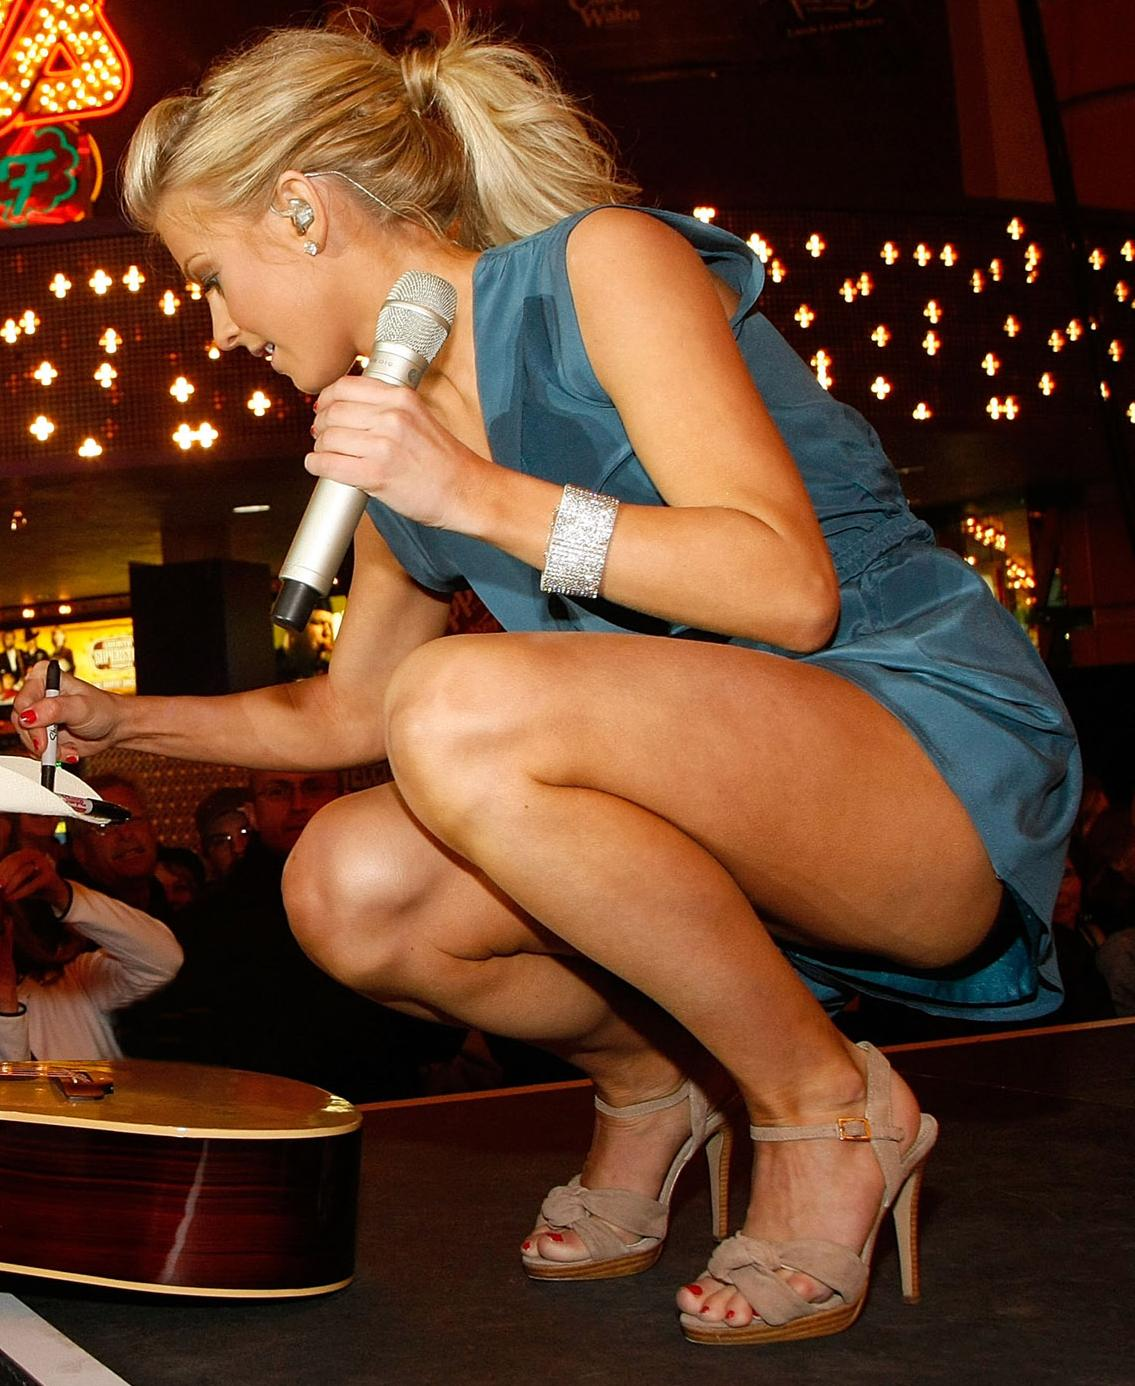 Bigfoot Celebrity: Julianne Hough Feet